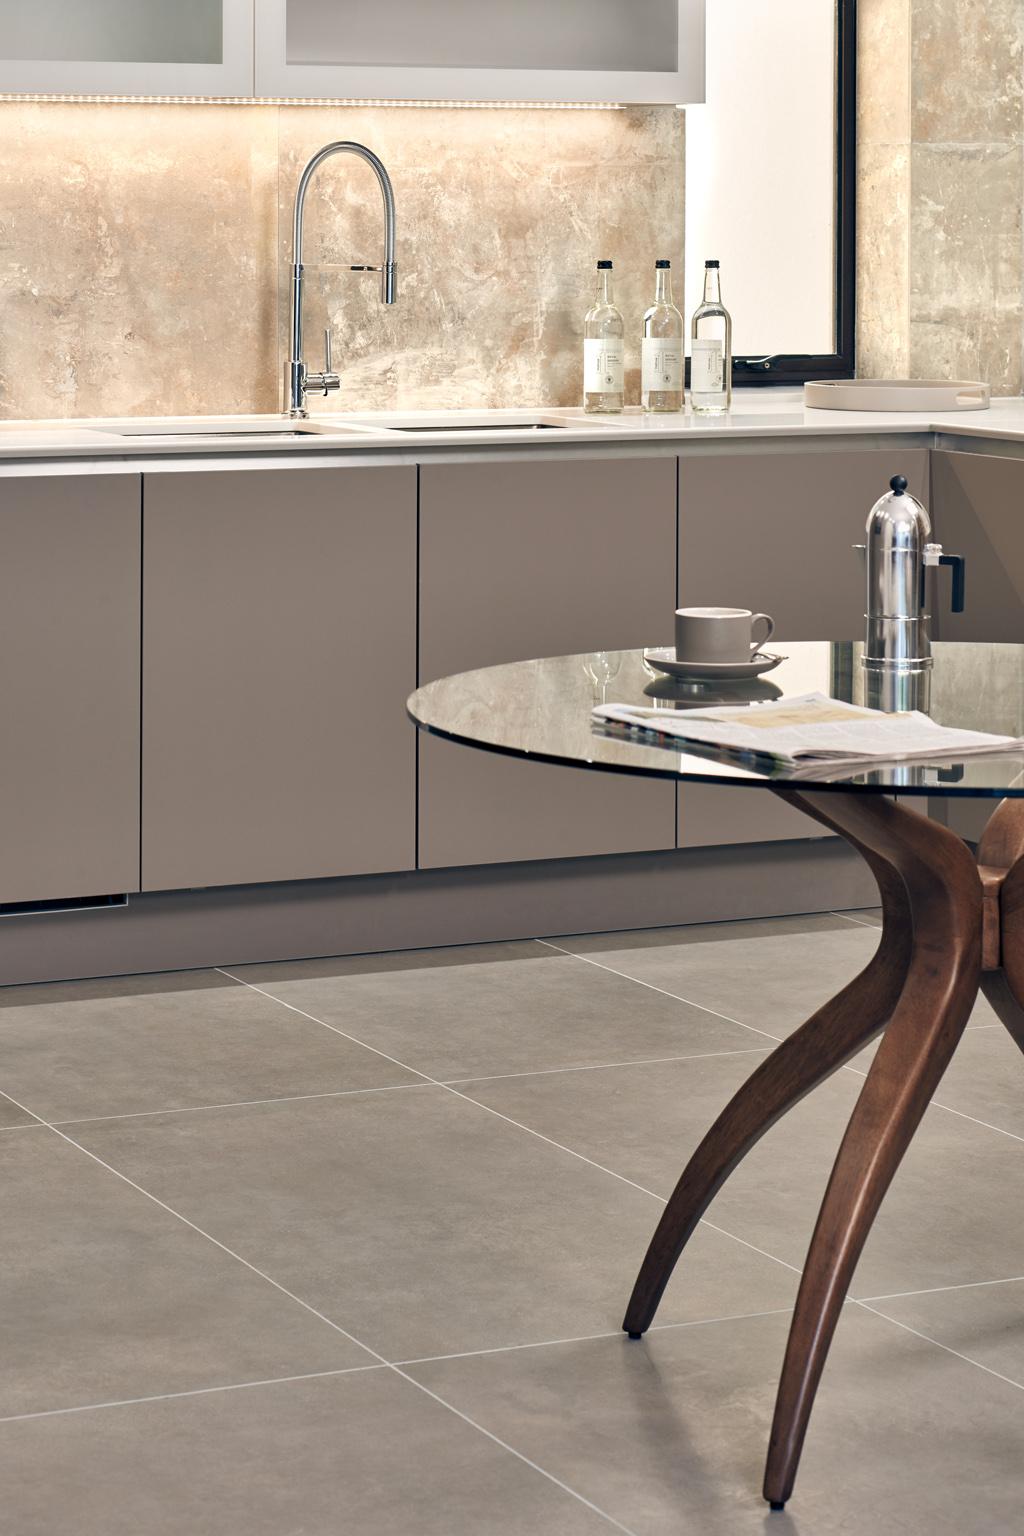 Terra - Grip porcelain tile from our Depth 20mm, Portland Tile